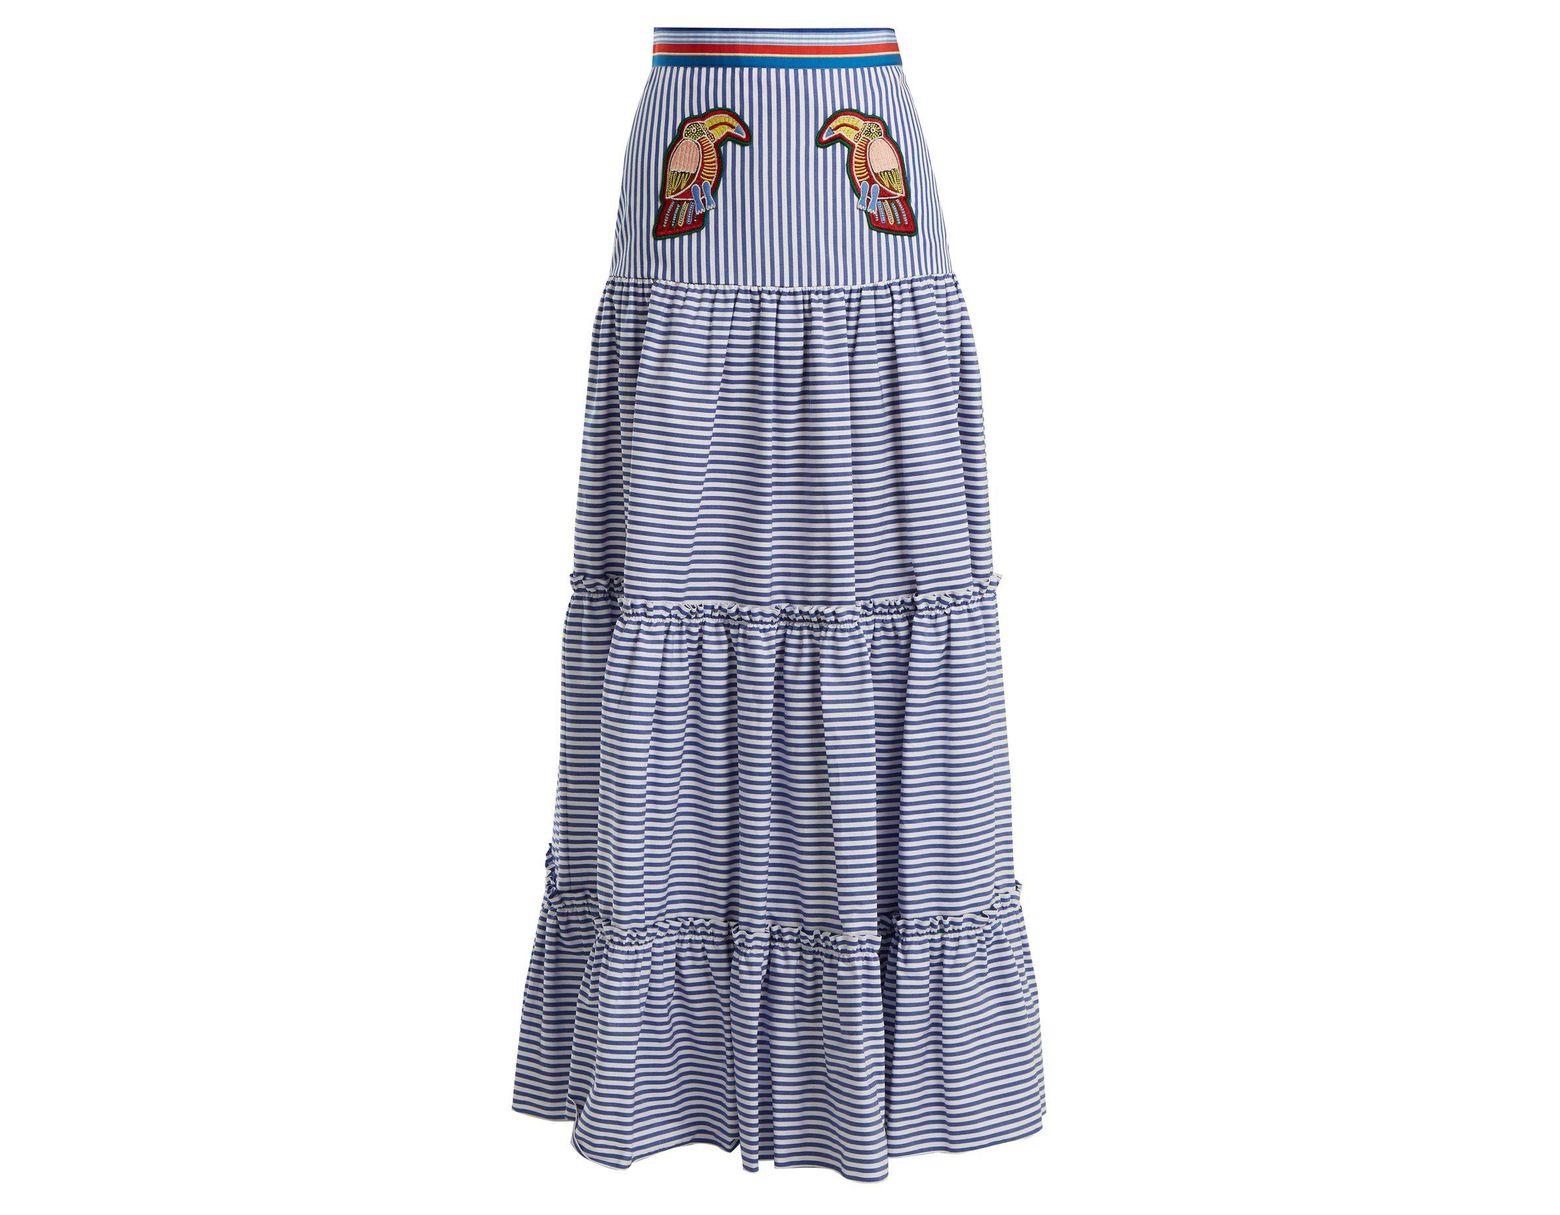 27a44fa80b Stella Jean Tiered Striped Maxi Skirt in Blue - Lyst